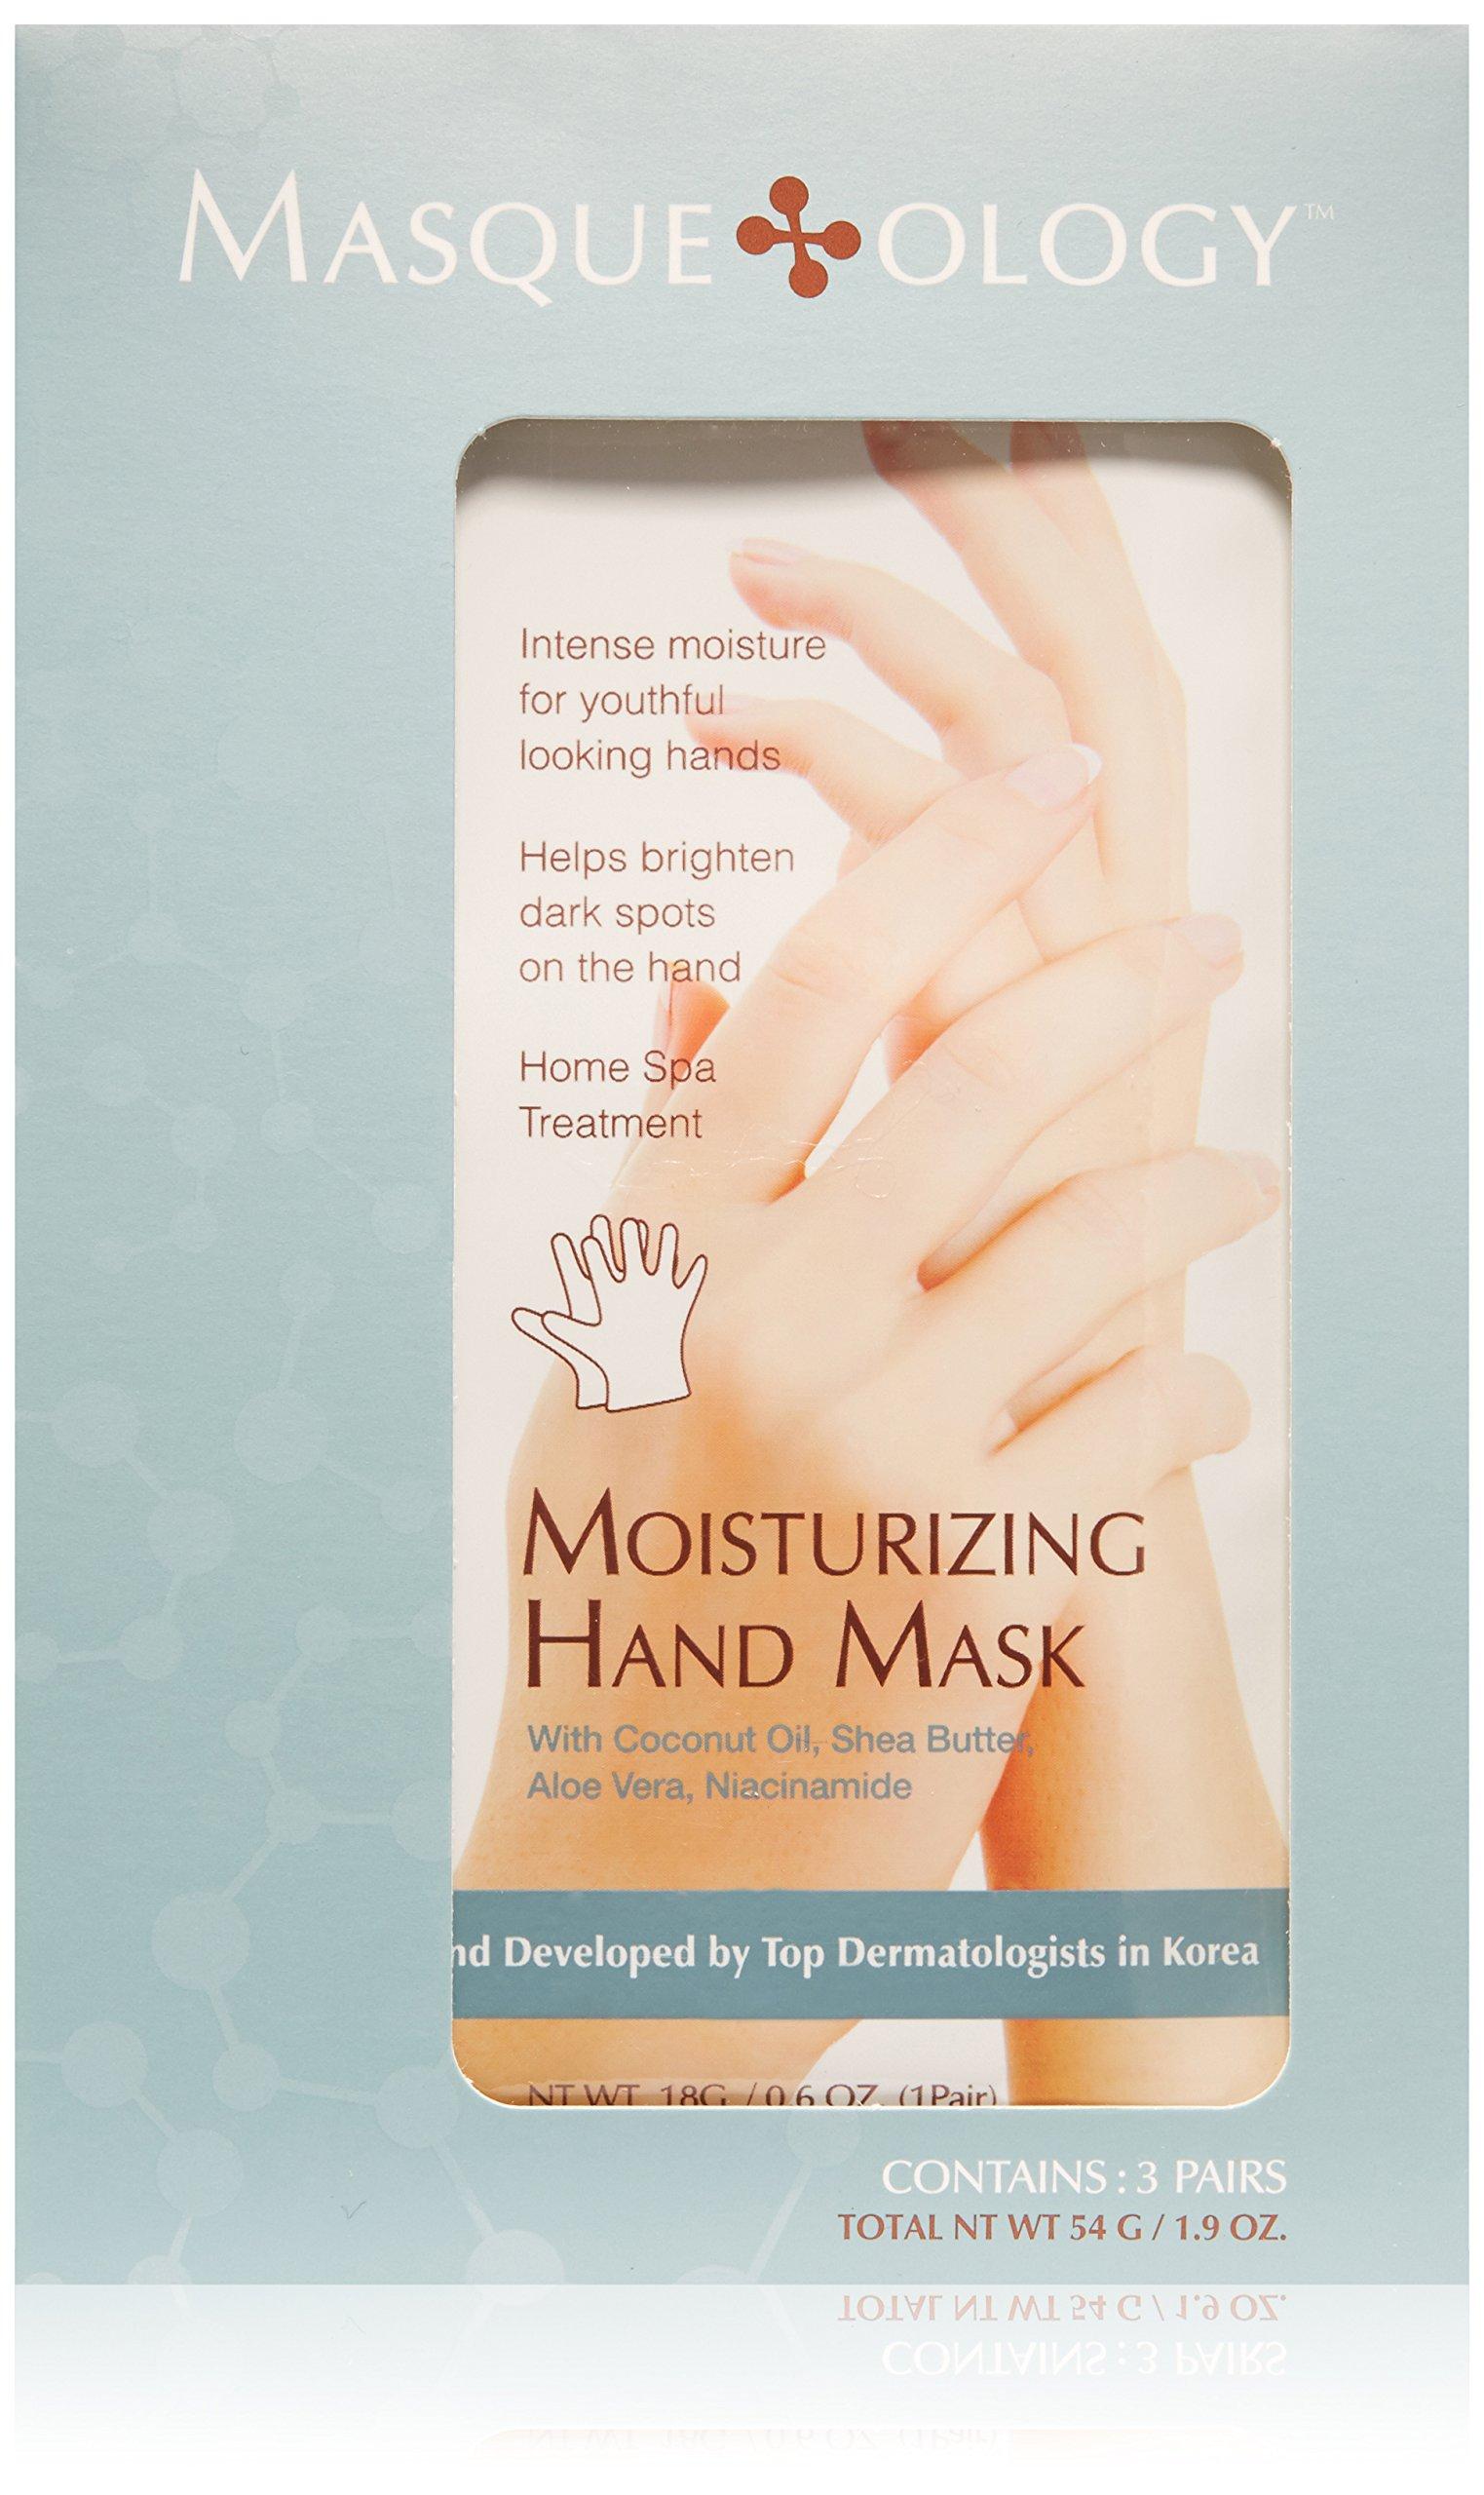 Masqueology Moisturizing Hand Mask, 1.9 oz.